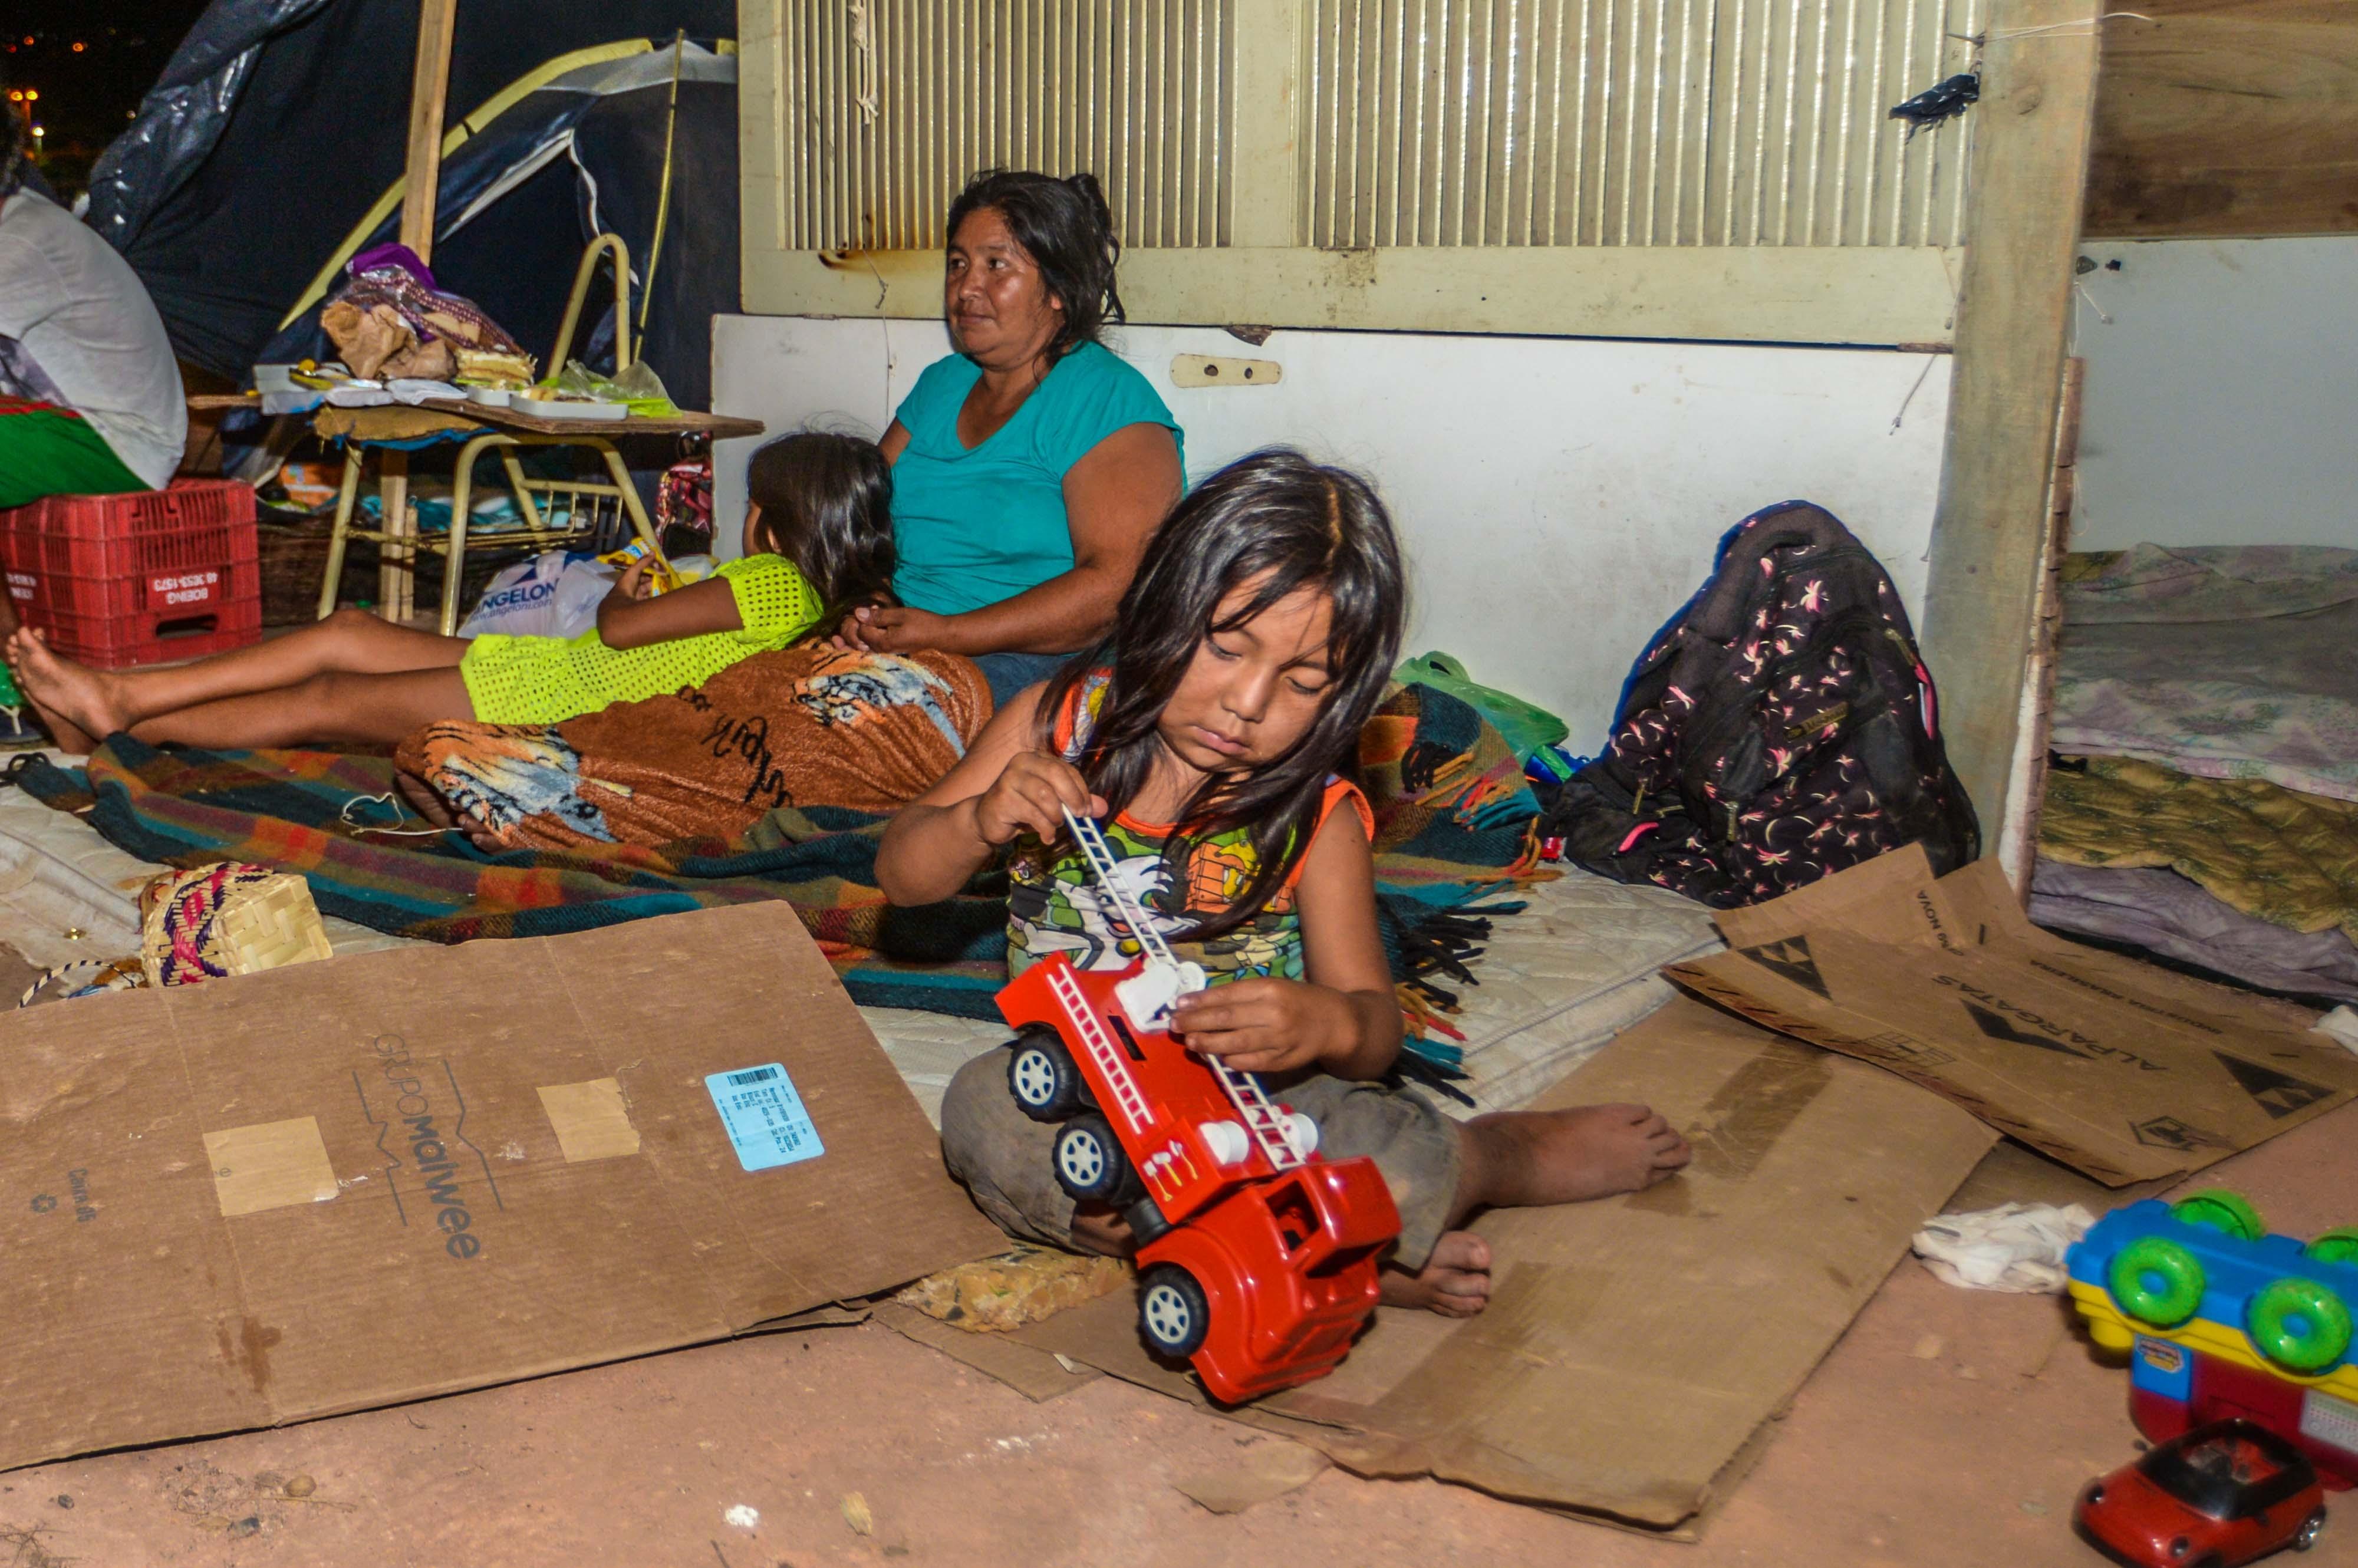 Desde o início de novembro mulheres e crianças vivem sem saneamento, segurança e assistência  - Eduardo valente/ND